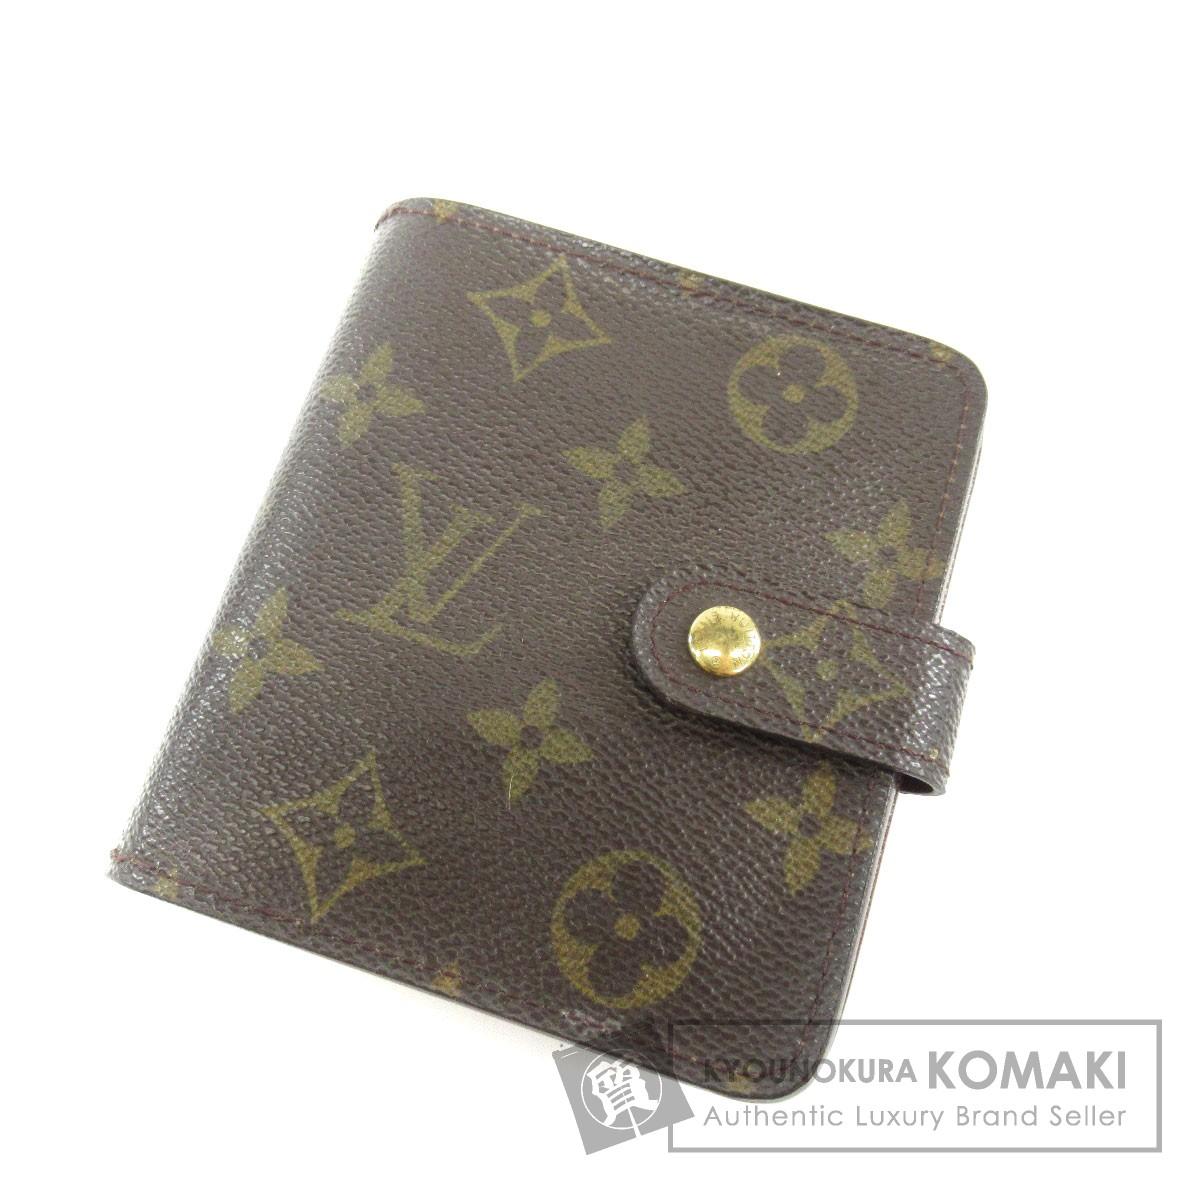 LOUIS VUITTON M61667 コンパクトジップ 二つ折り財布(小銭入れあり) モノグラムキャンバス ユニセックス 【中古】【ルイ・ヴィトン】